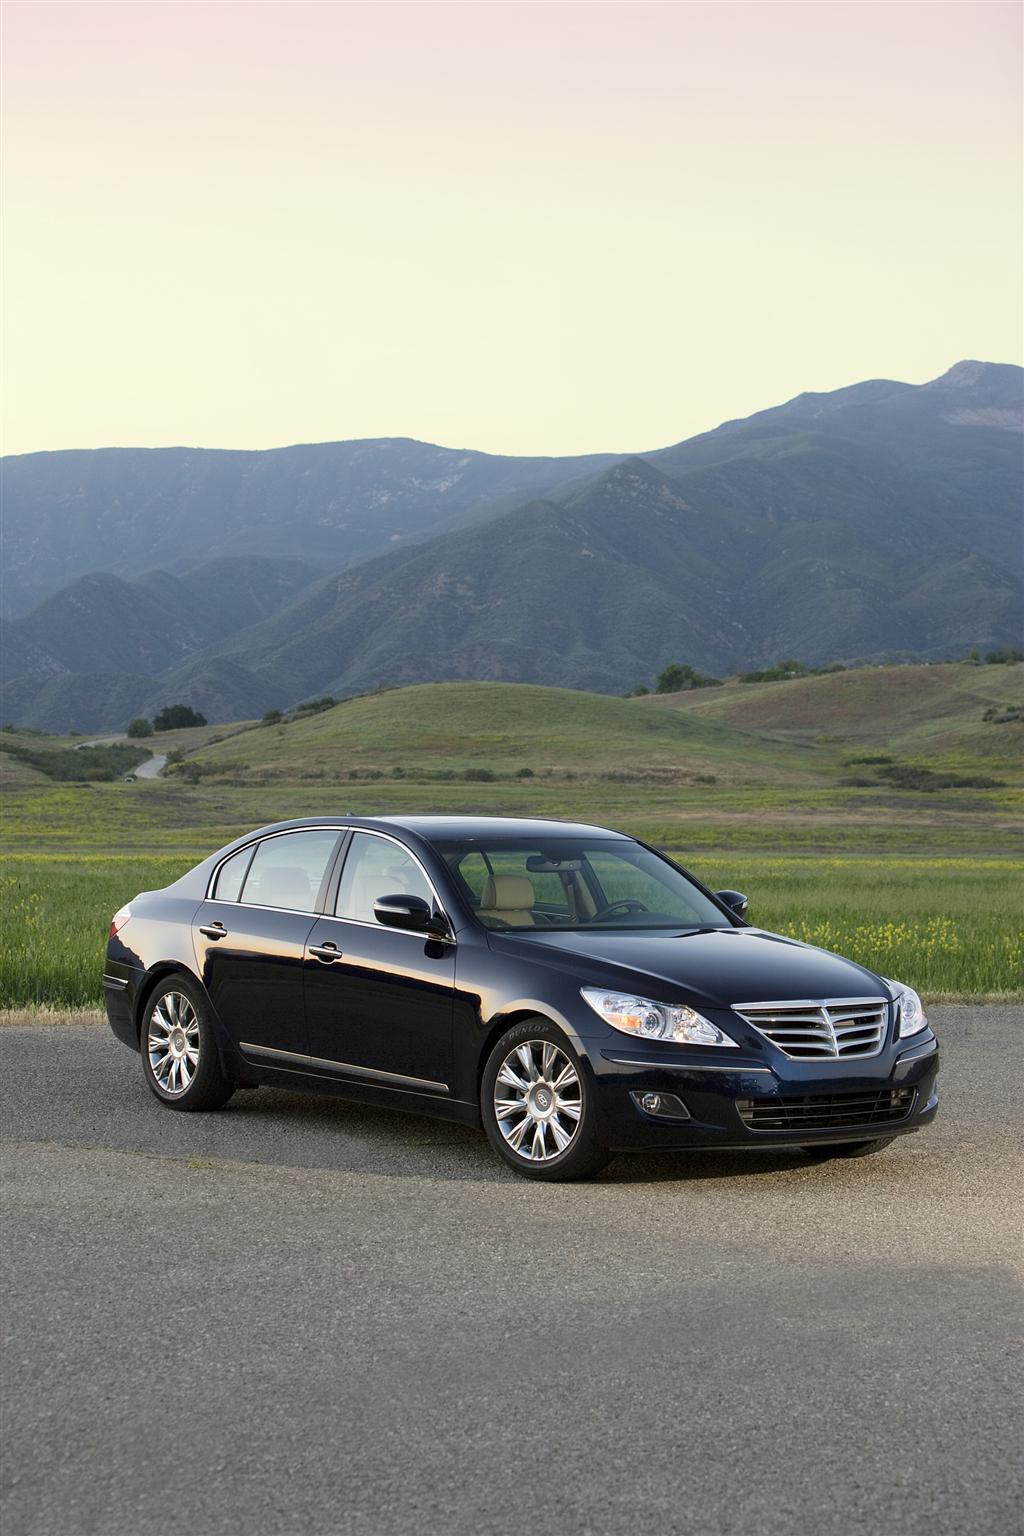 2011 Hyundai Genesis Image Photo 63 Of 67